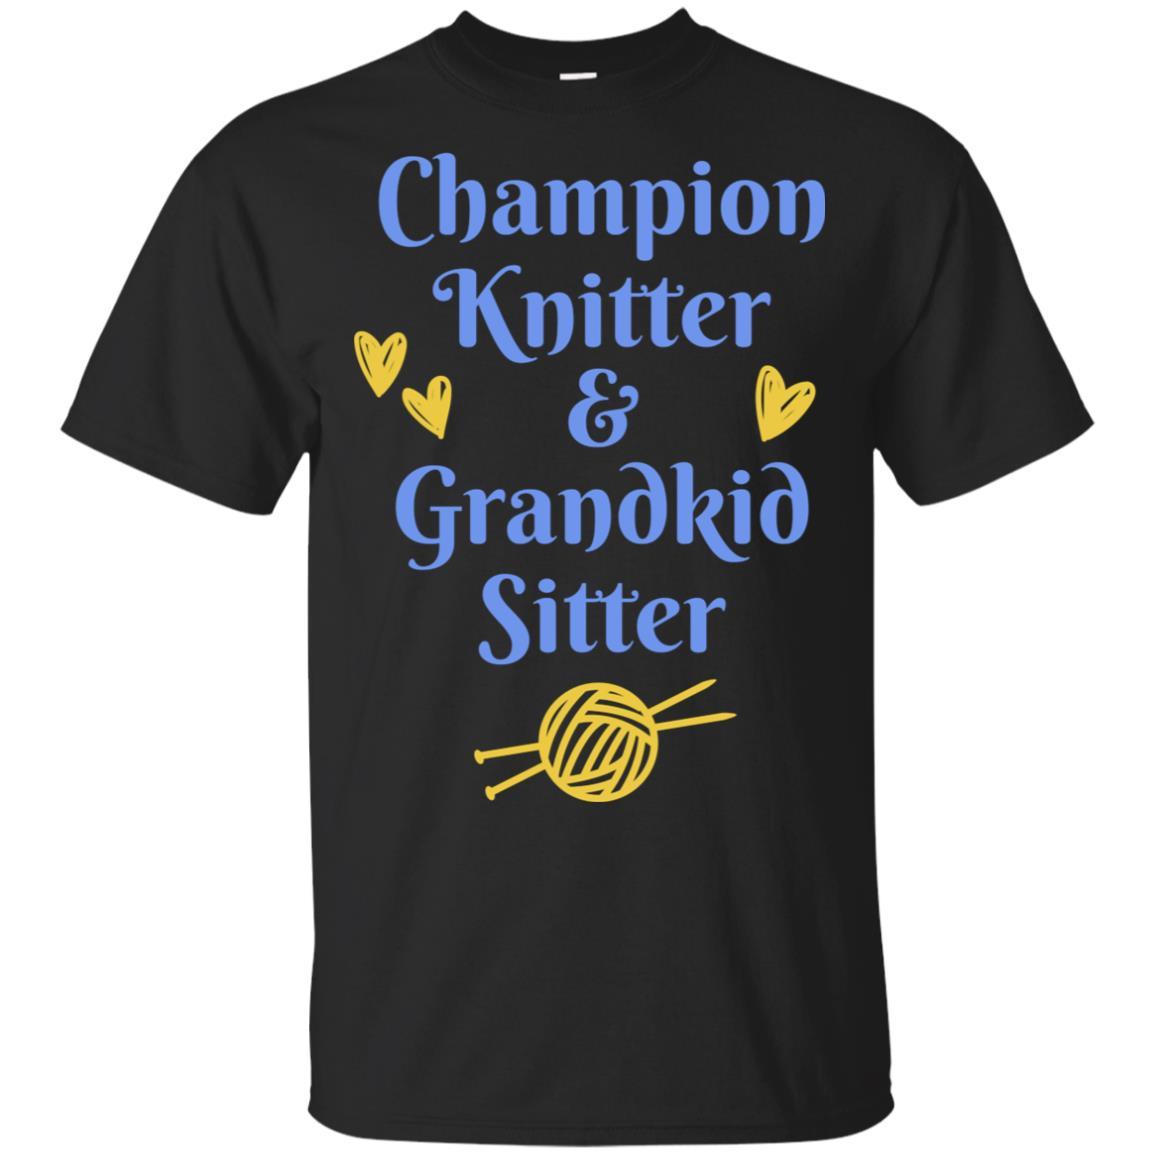 Knitter Gift Champion Knitter & Grandkid Sitter Unisex Short Sleeve